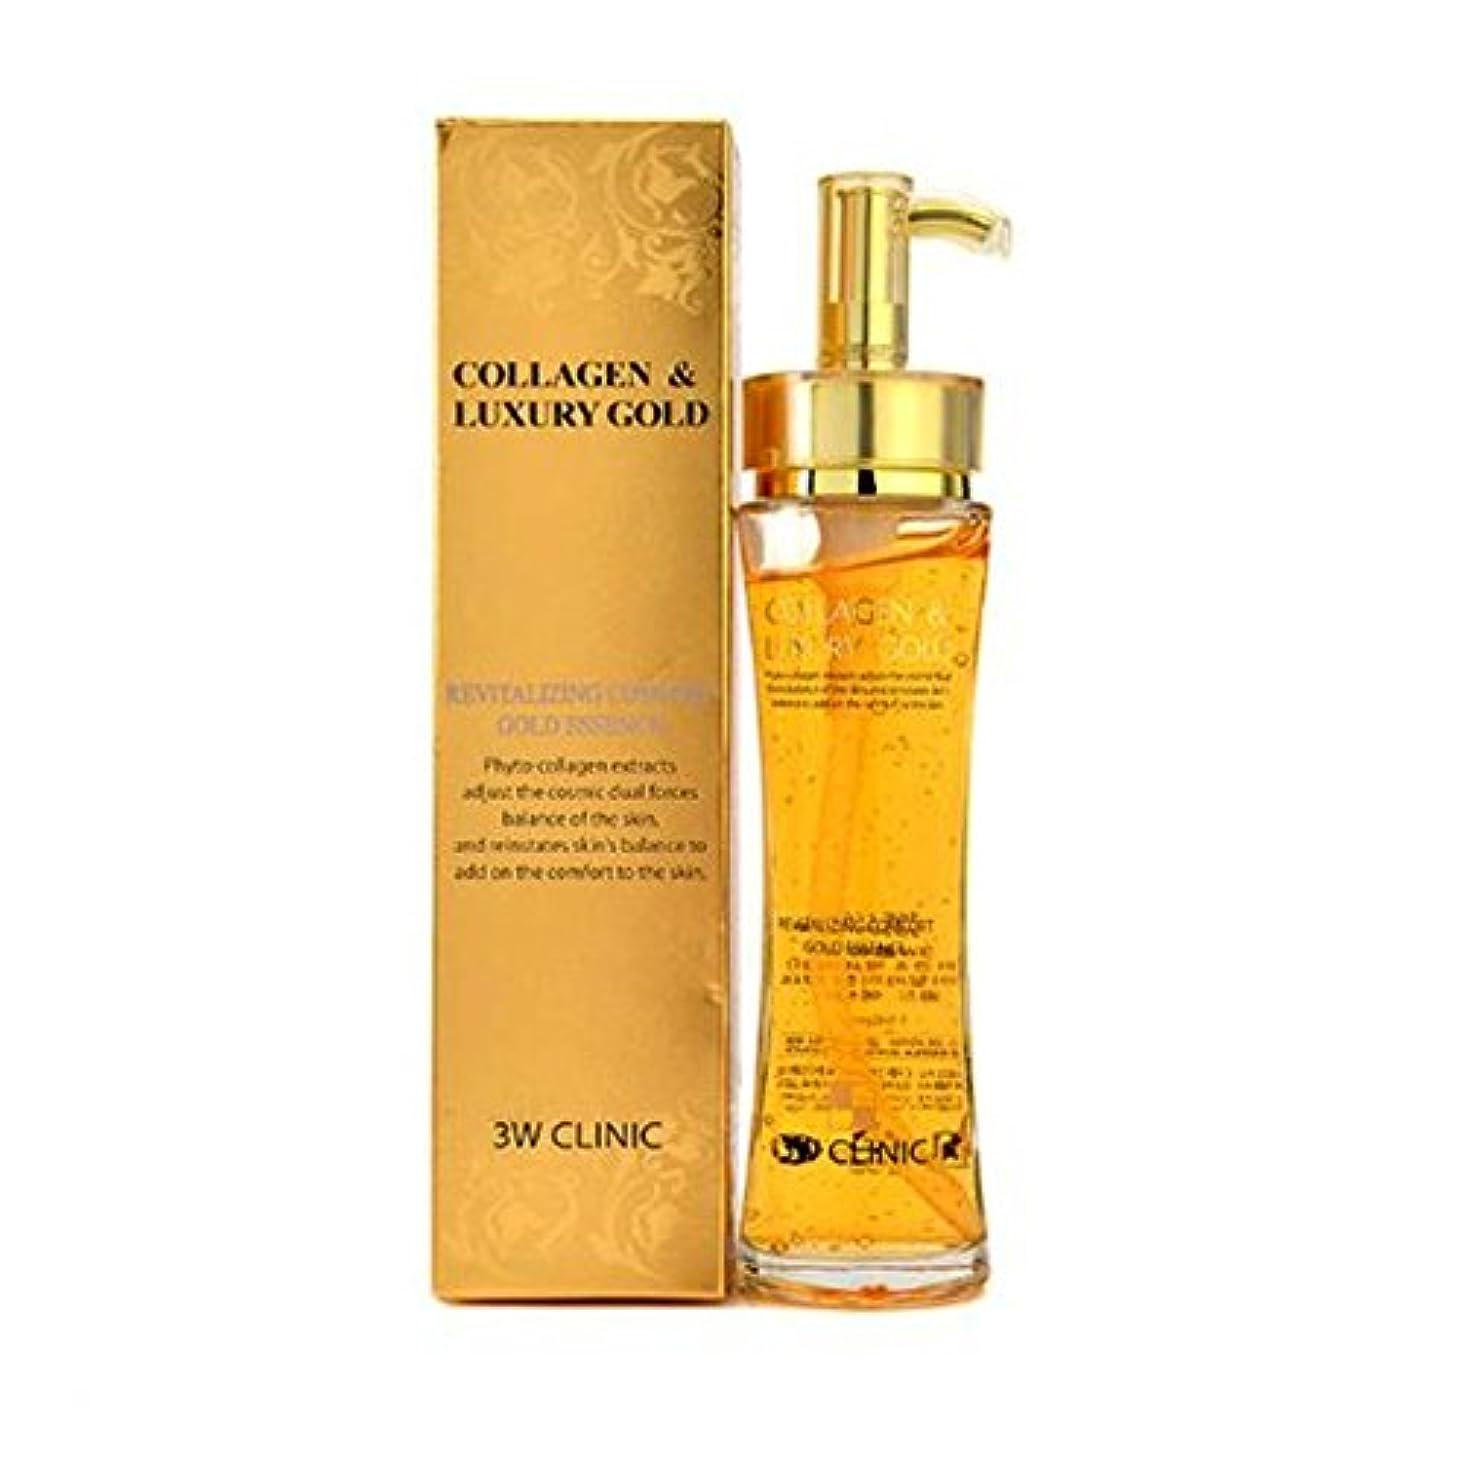 眩惑する地上でコンテンツ3Wクリニック Collagen & Luxury Gold Revitalizing Comfort Gold Essence 150ml/5.07oz並行輸入品